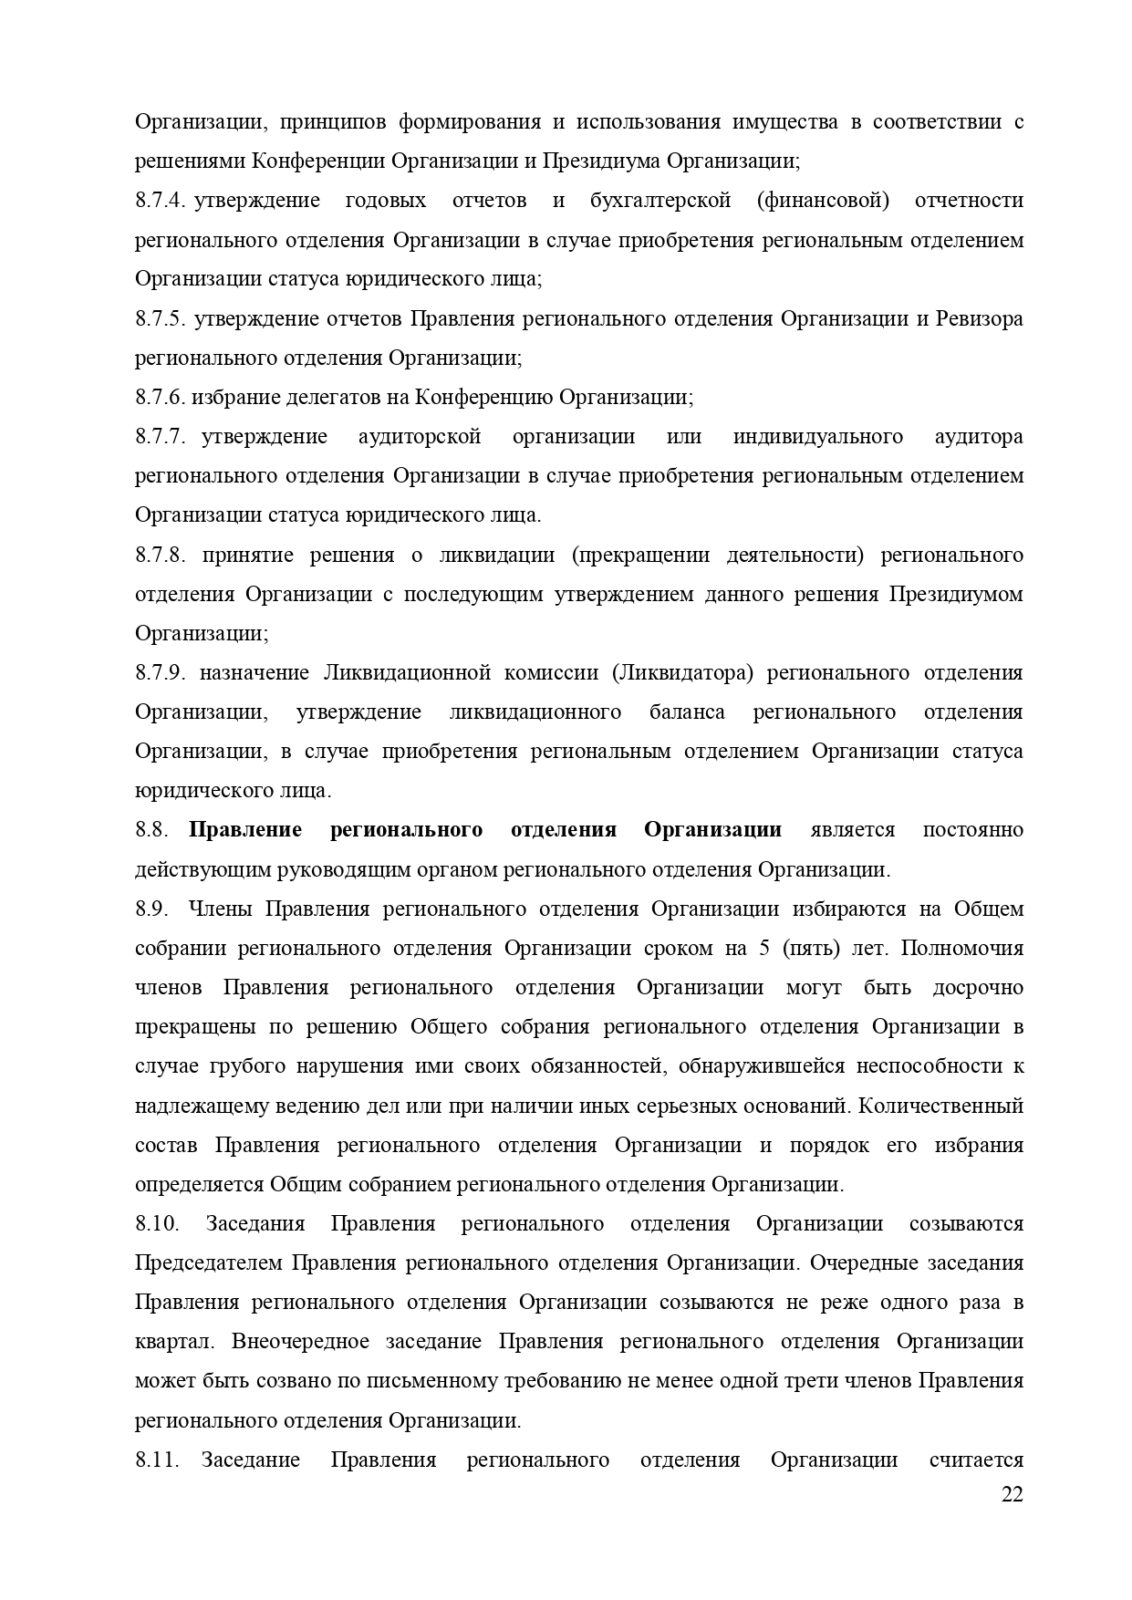 ustav_GKR_page-0022